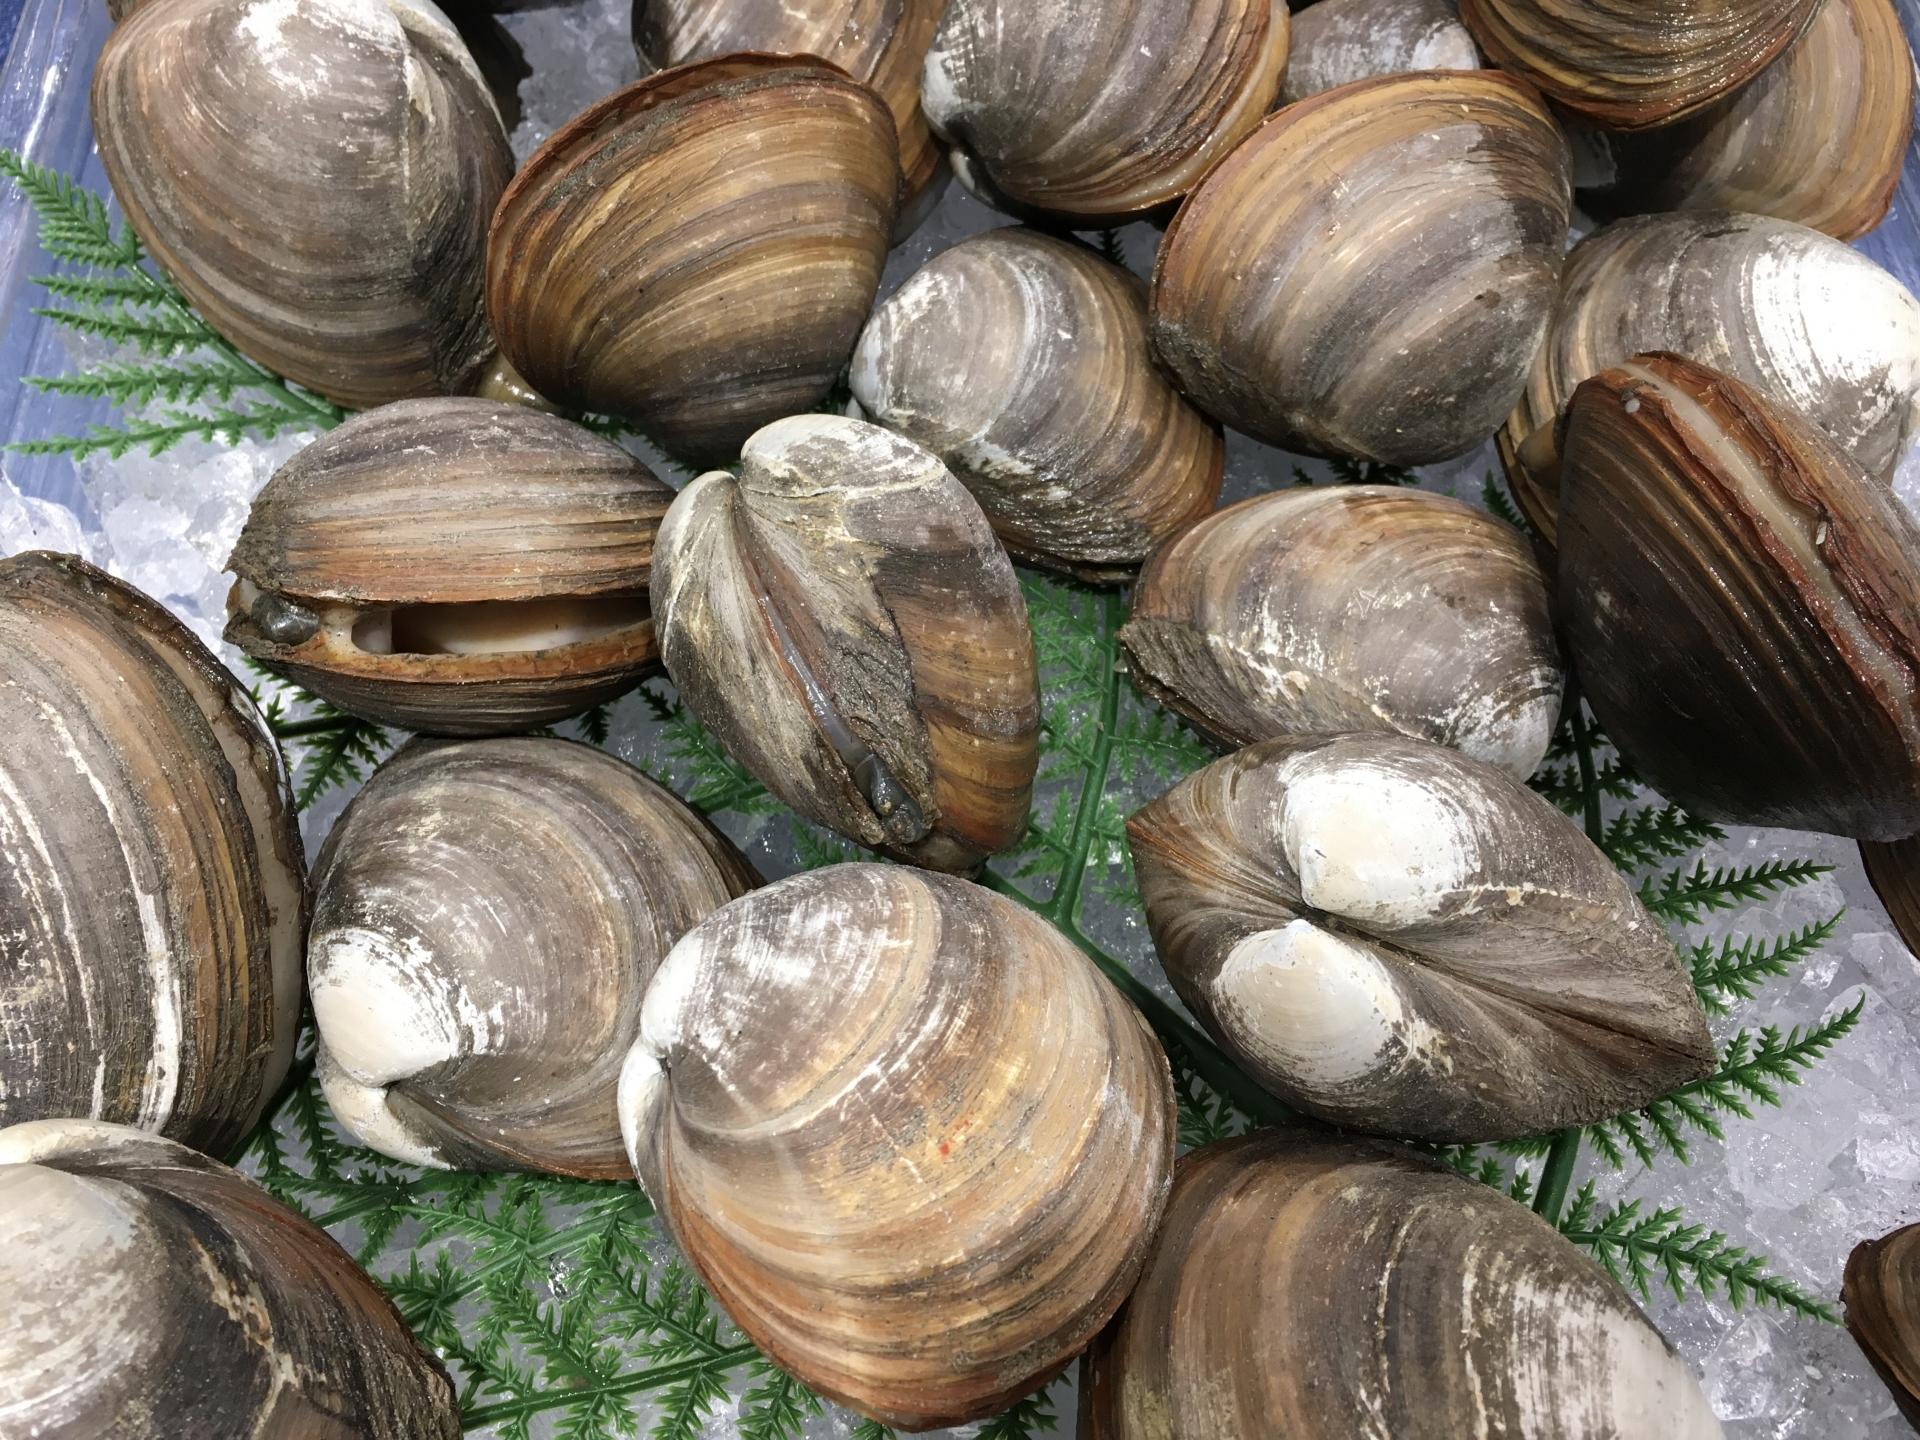 天然ボイルほっき貝 1kg(500g×2箱) 北海道野付産【漁協から直送】